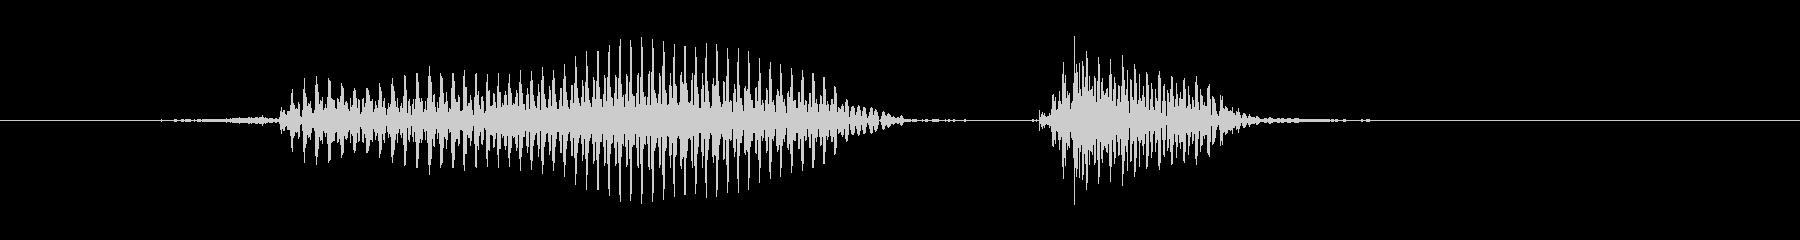 フェイントの未再生の波形